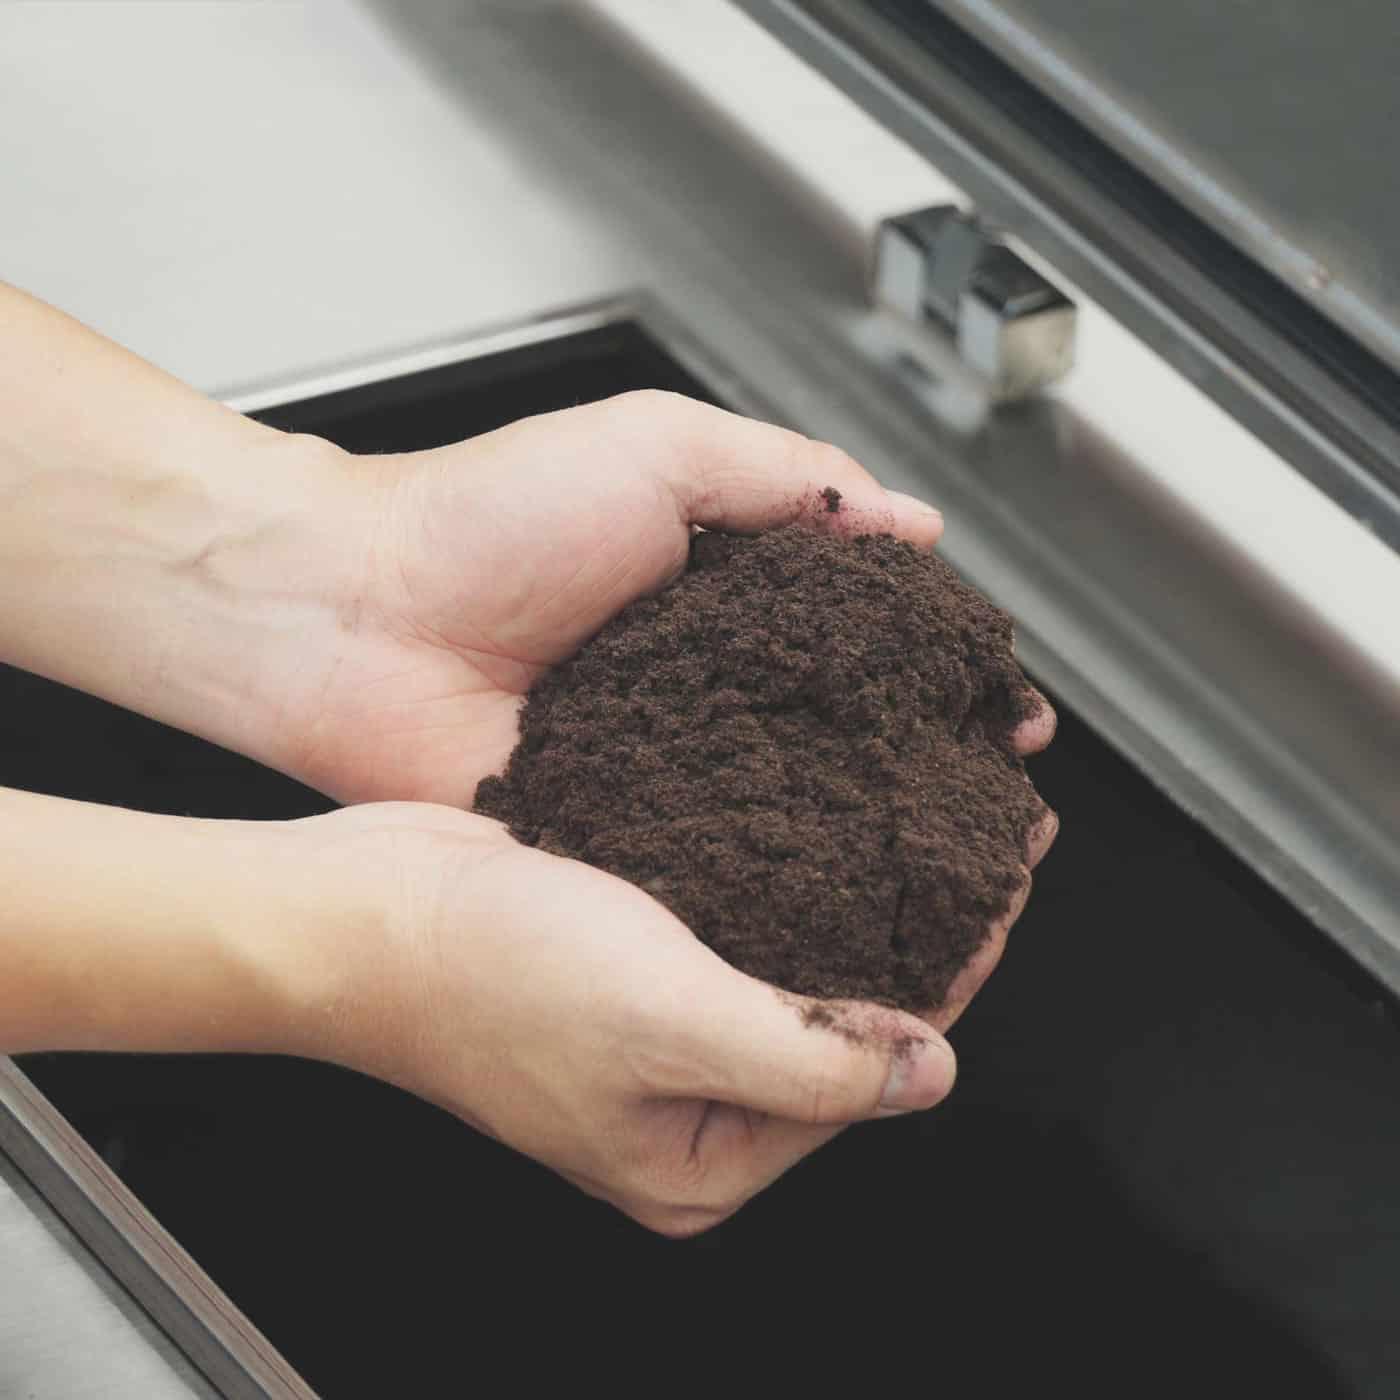 Le compostage accéléré sur place, une innovation au service de l'environnement et de la fertilisation des sols